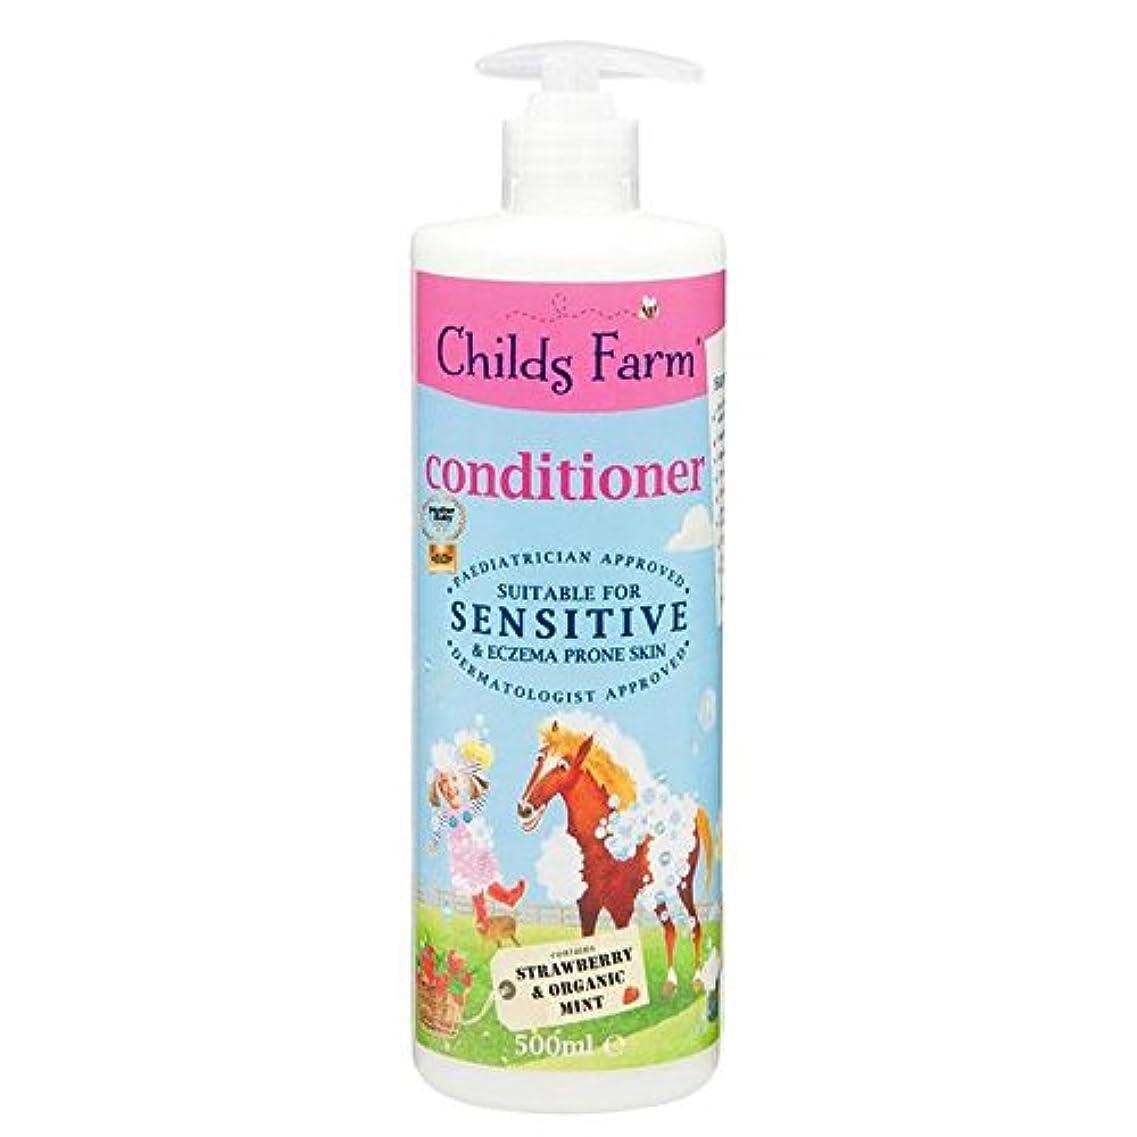 ネット大事にする強要Childs Farm Conditioner for Unruly Hair 500ml - 手に負えない髪の500ミリリットルのためのチャイルズファームコンディショナー [並行輸入品]